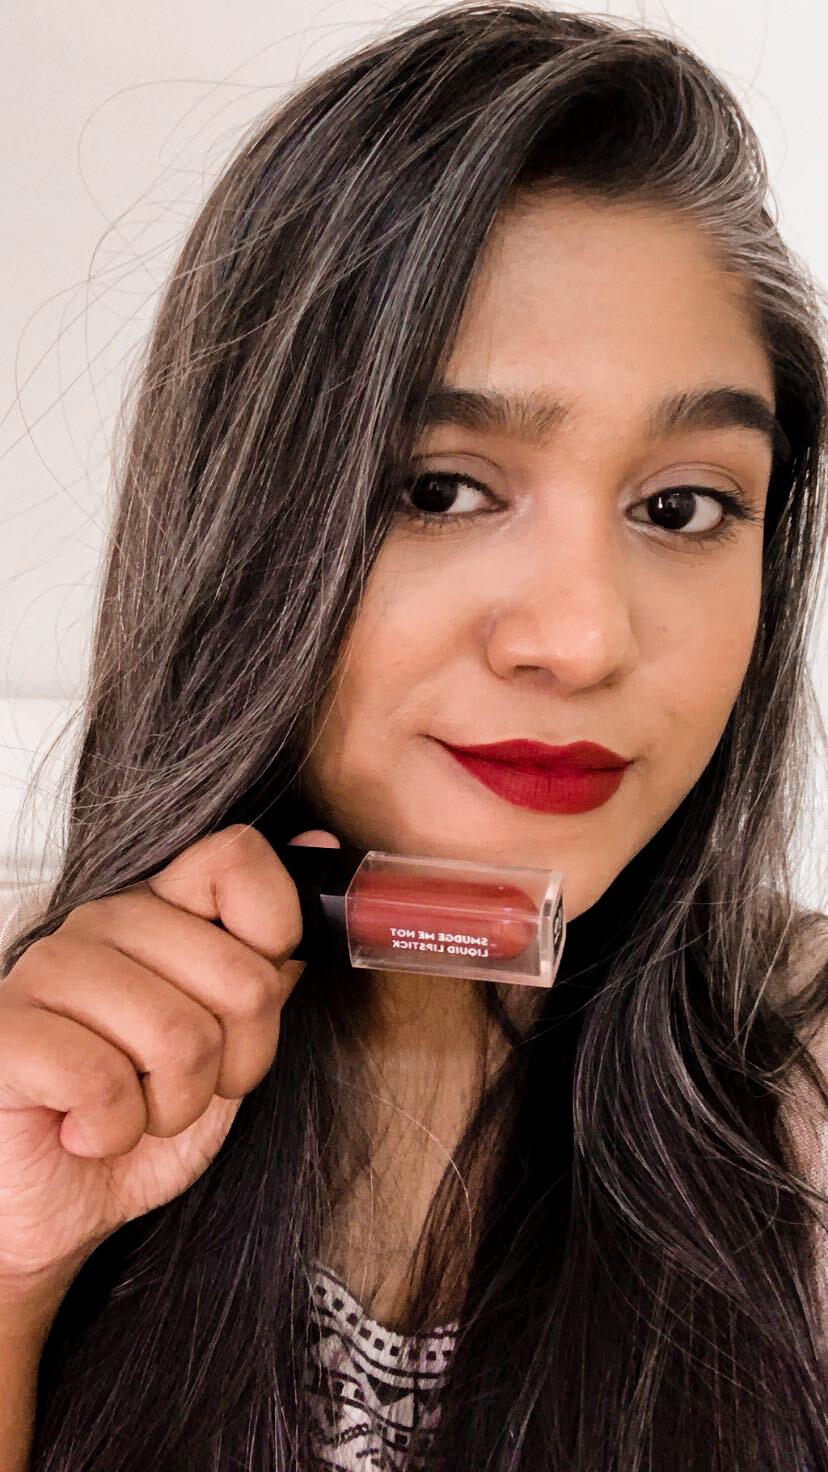 SUGAR Smudge Me Not Liquid Lipstick in 01 Brazen Raisin Review